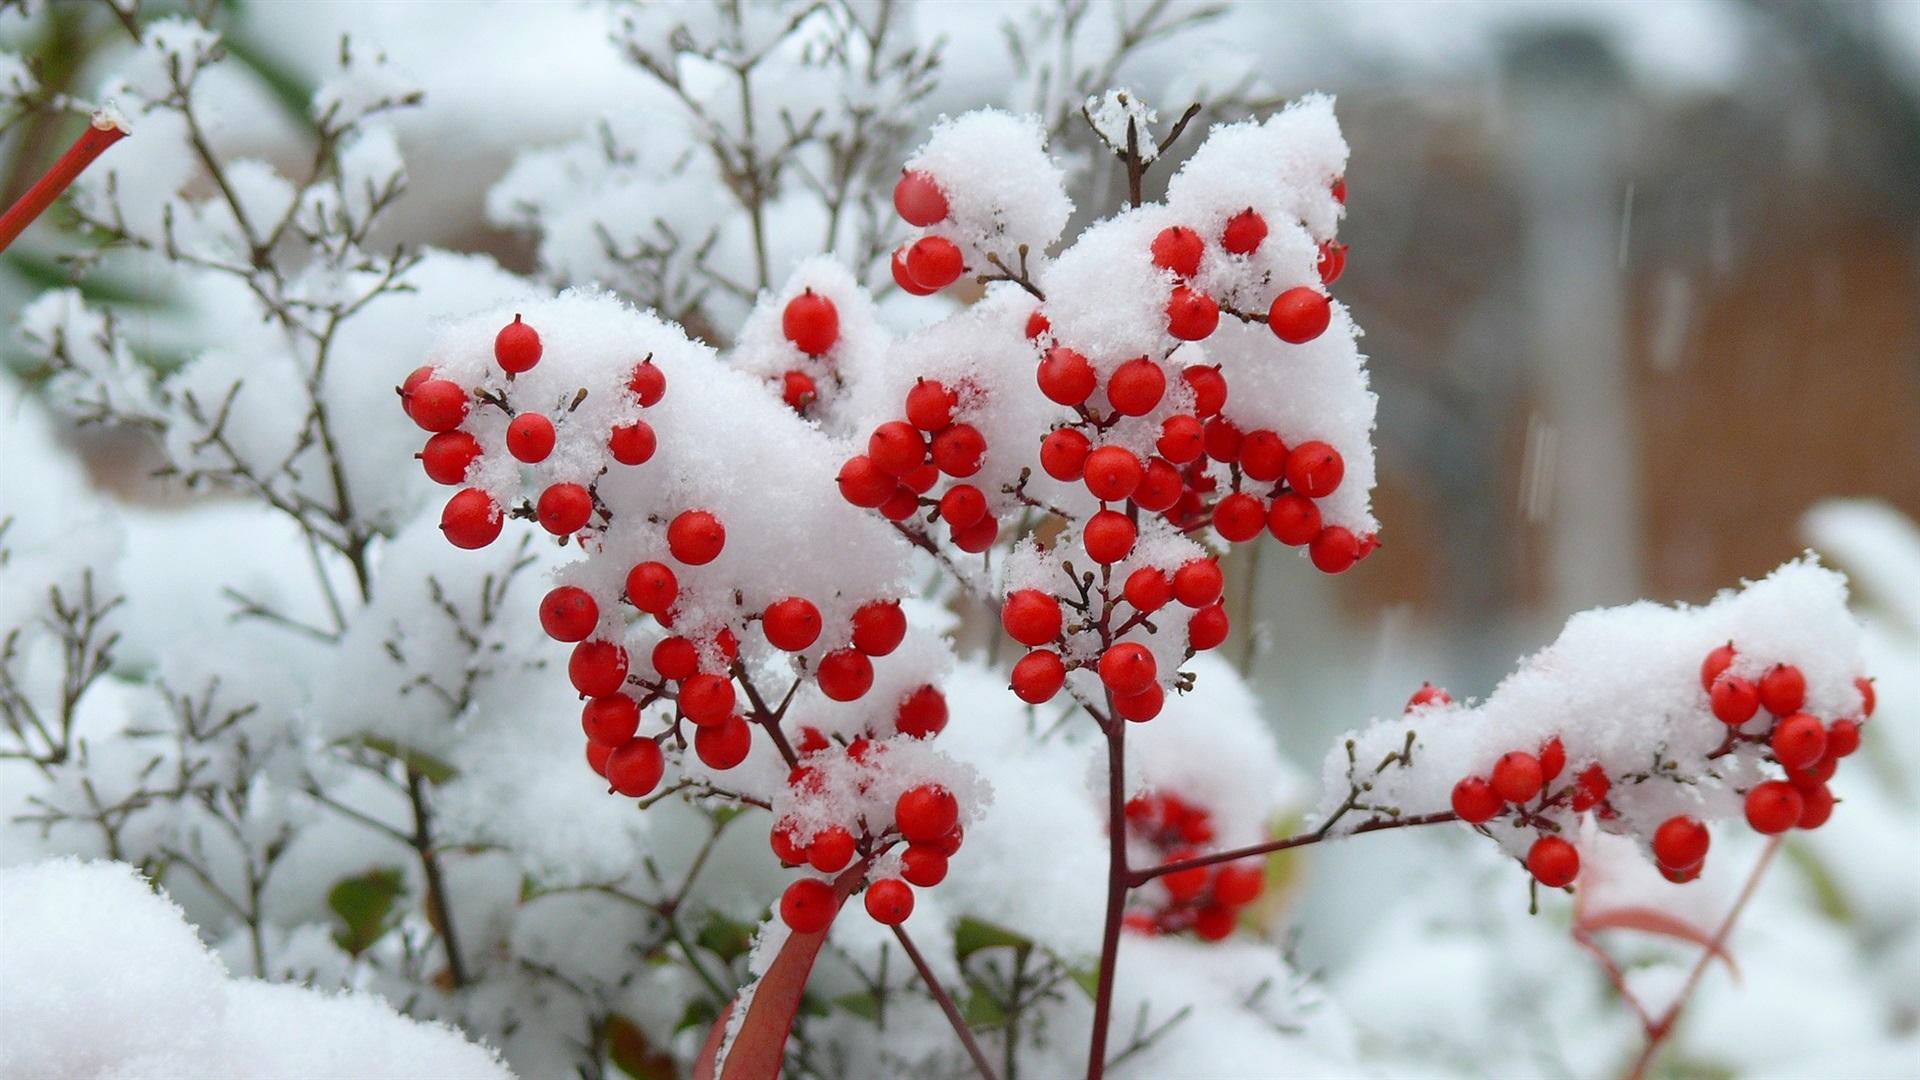 Ягоды на снегу картинки